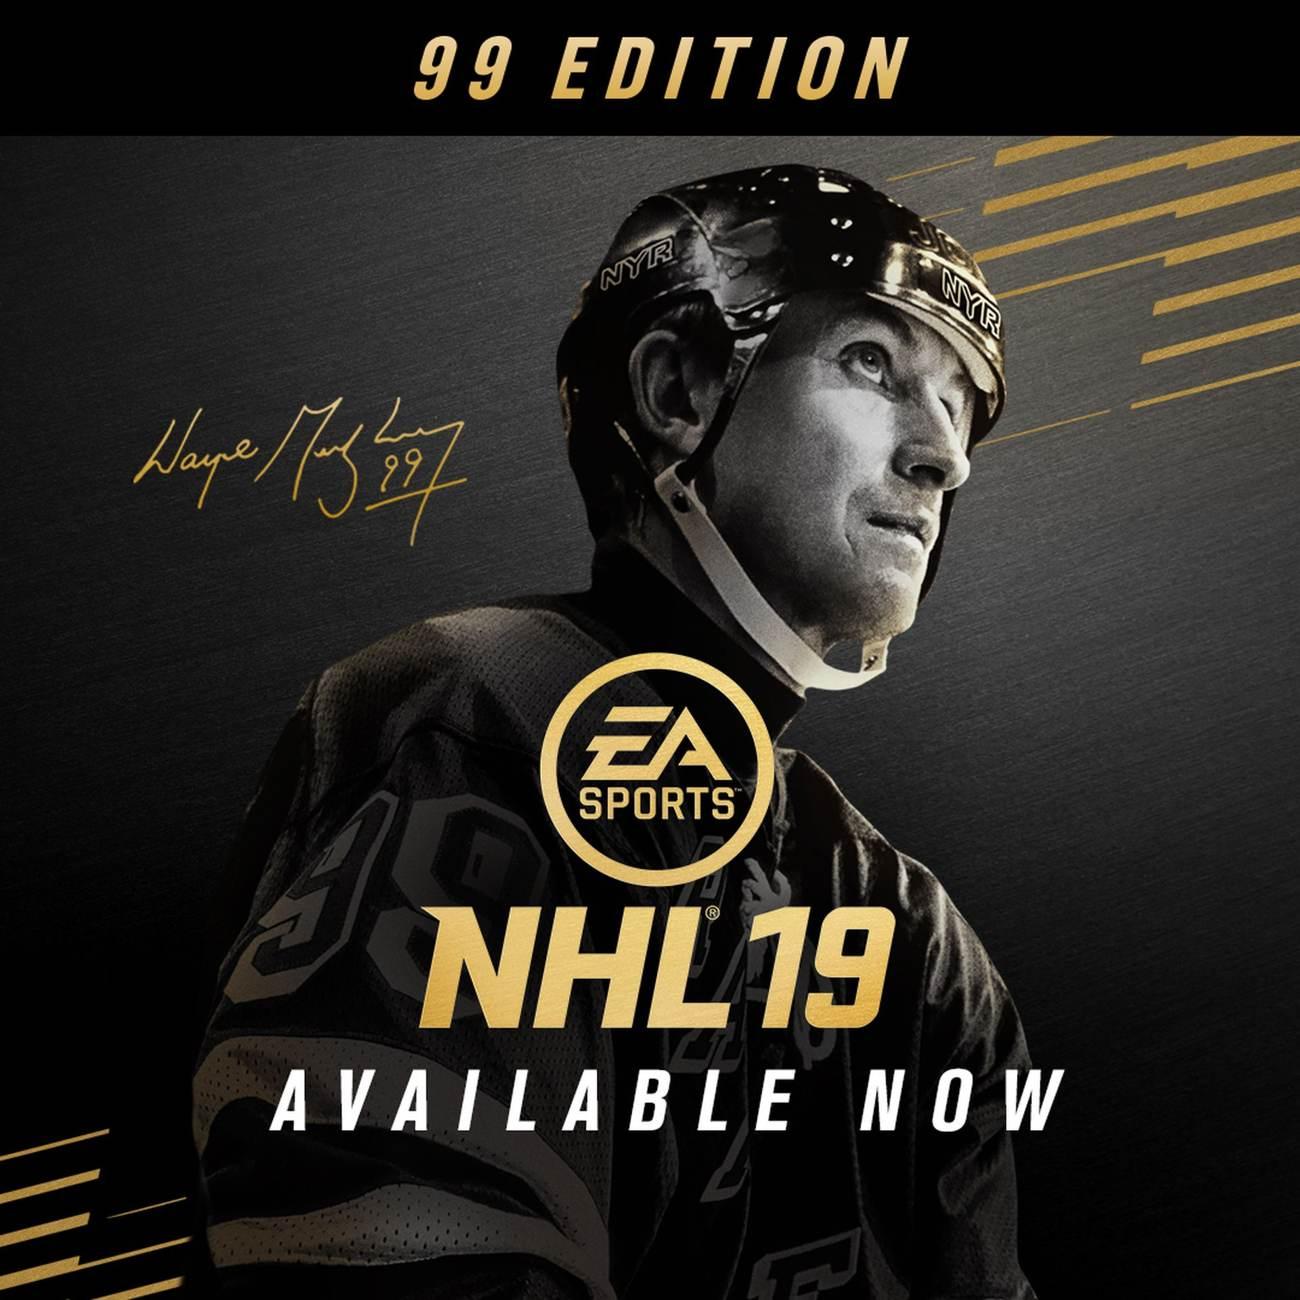 NHL 19 - 99 Edition